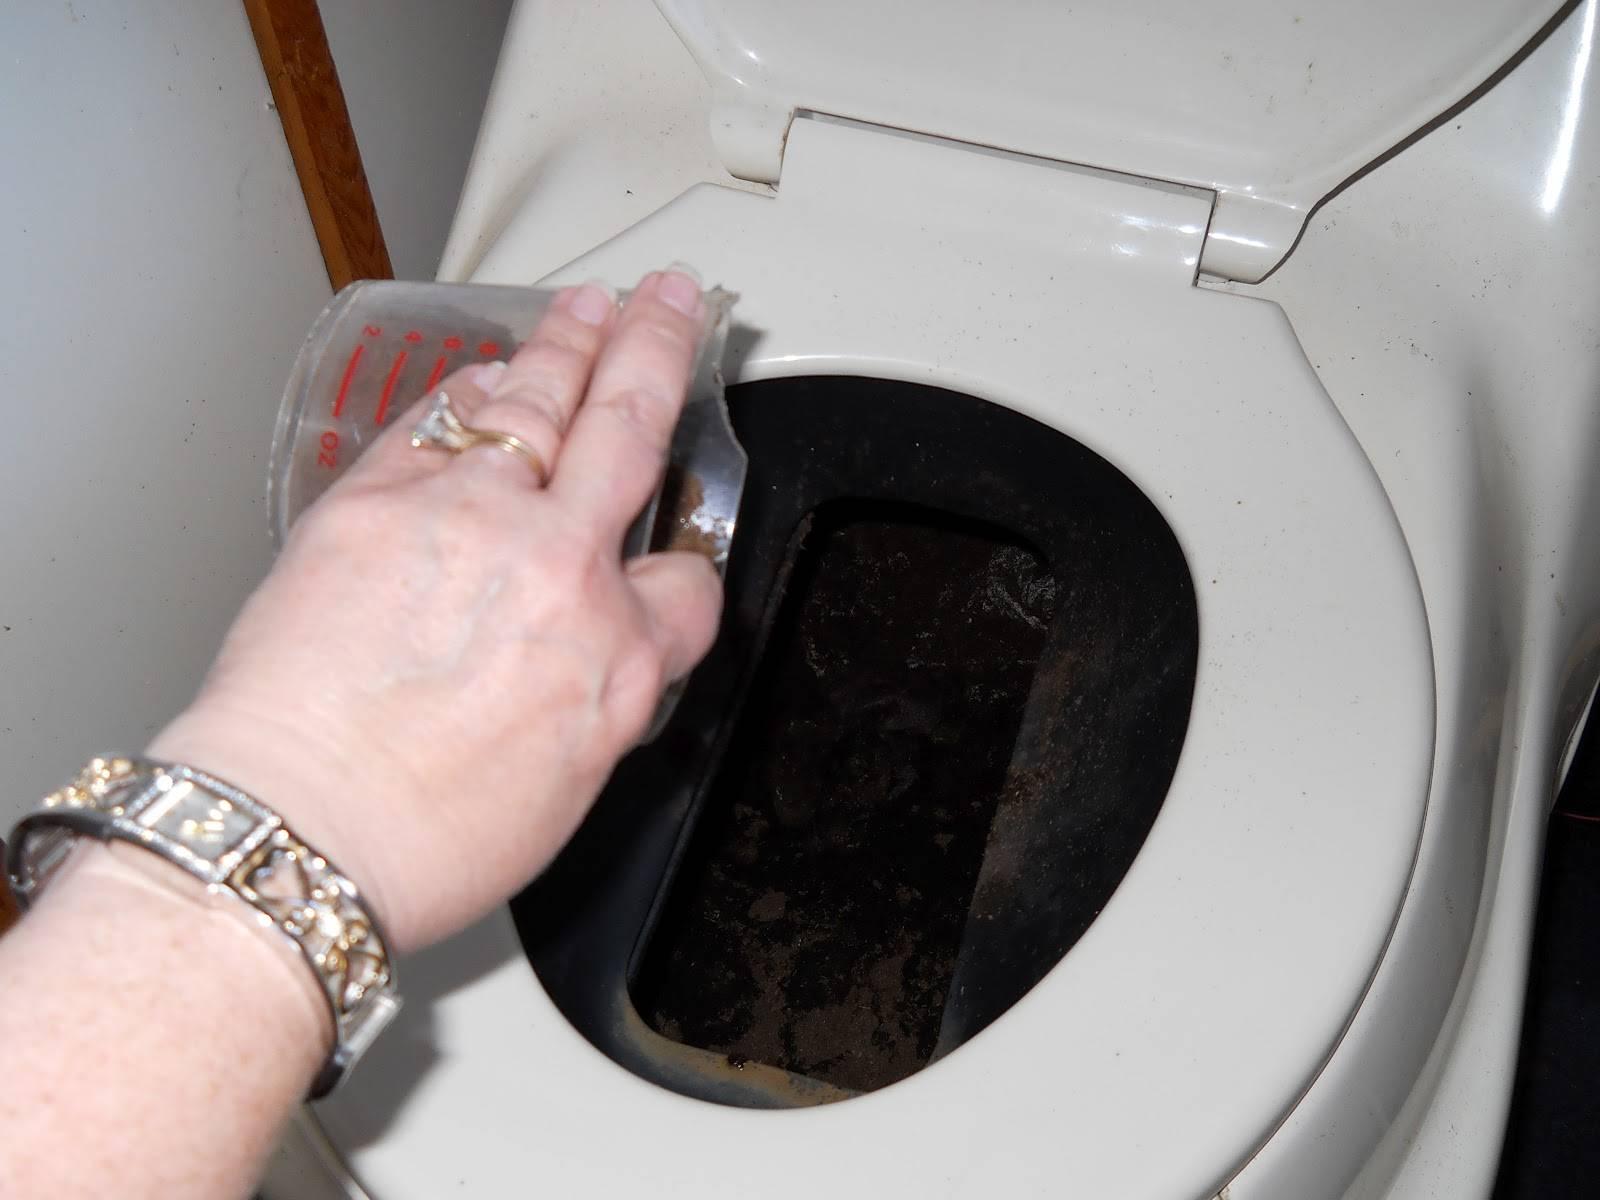 Как избавиться от мух в дачном или уличном туалете: применение химических средств, клейкой ленты